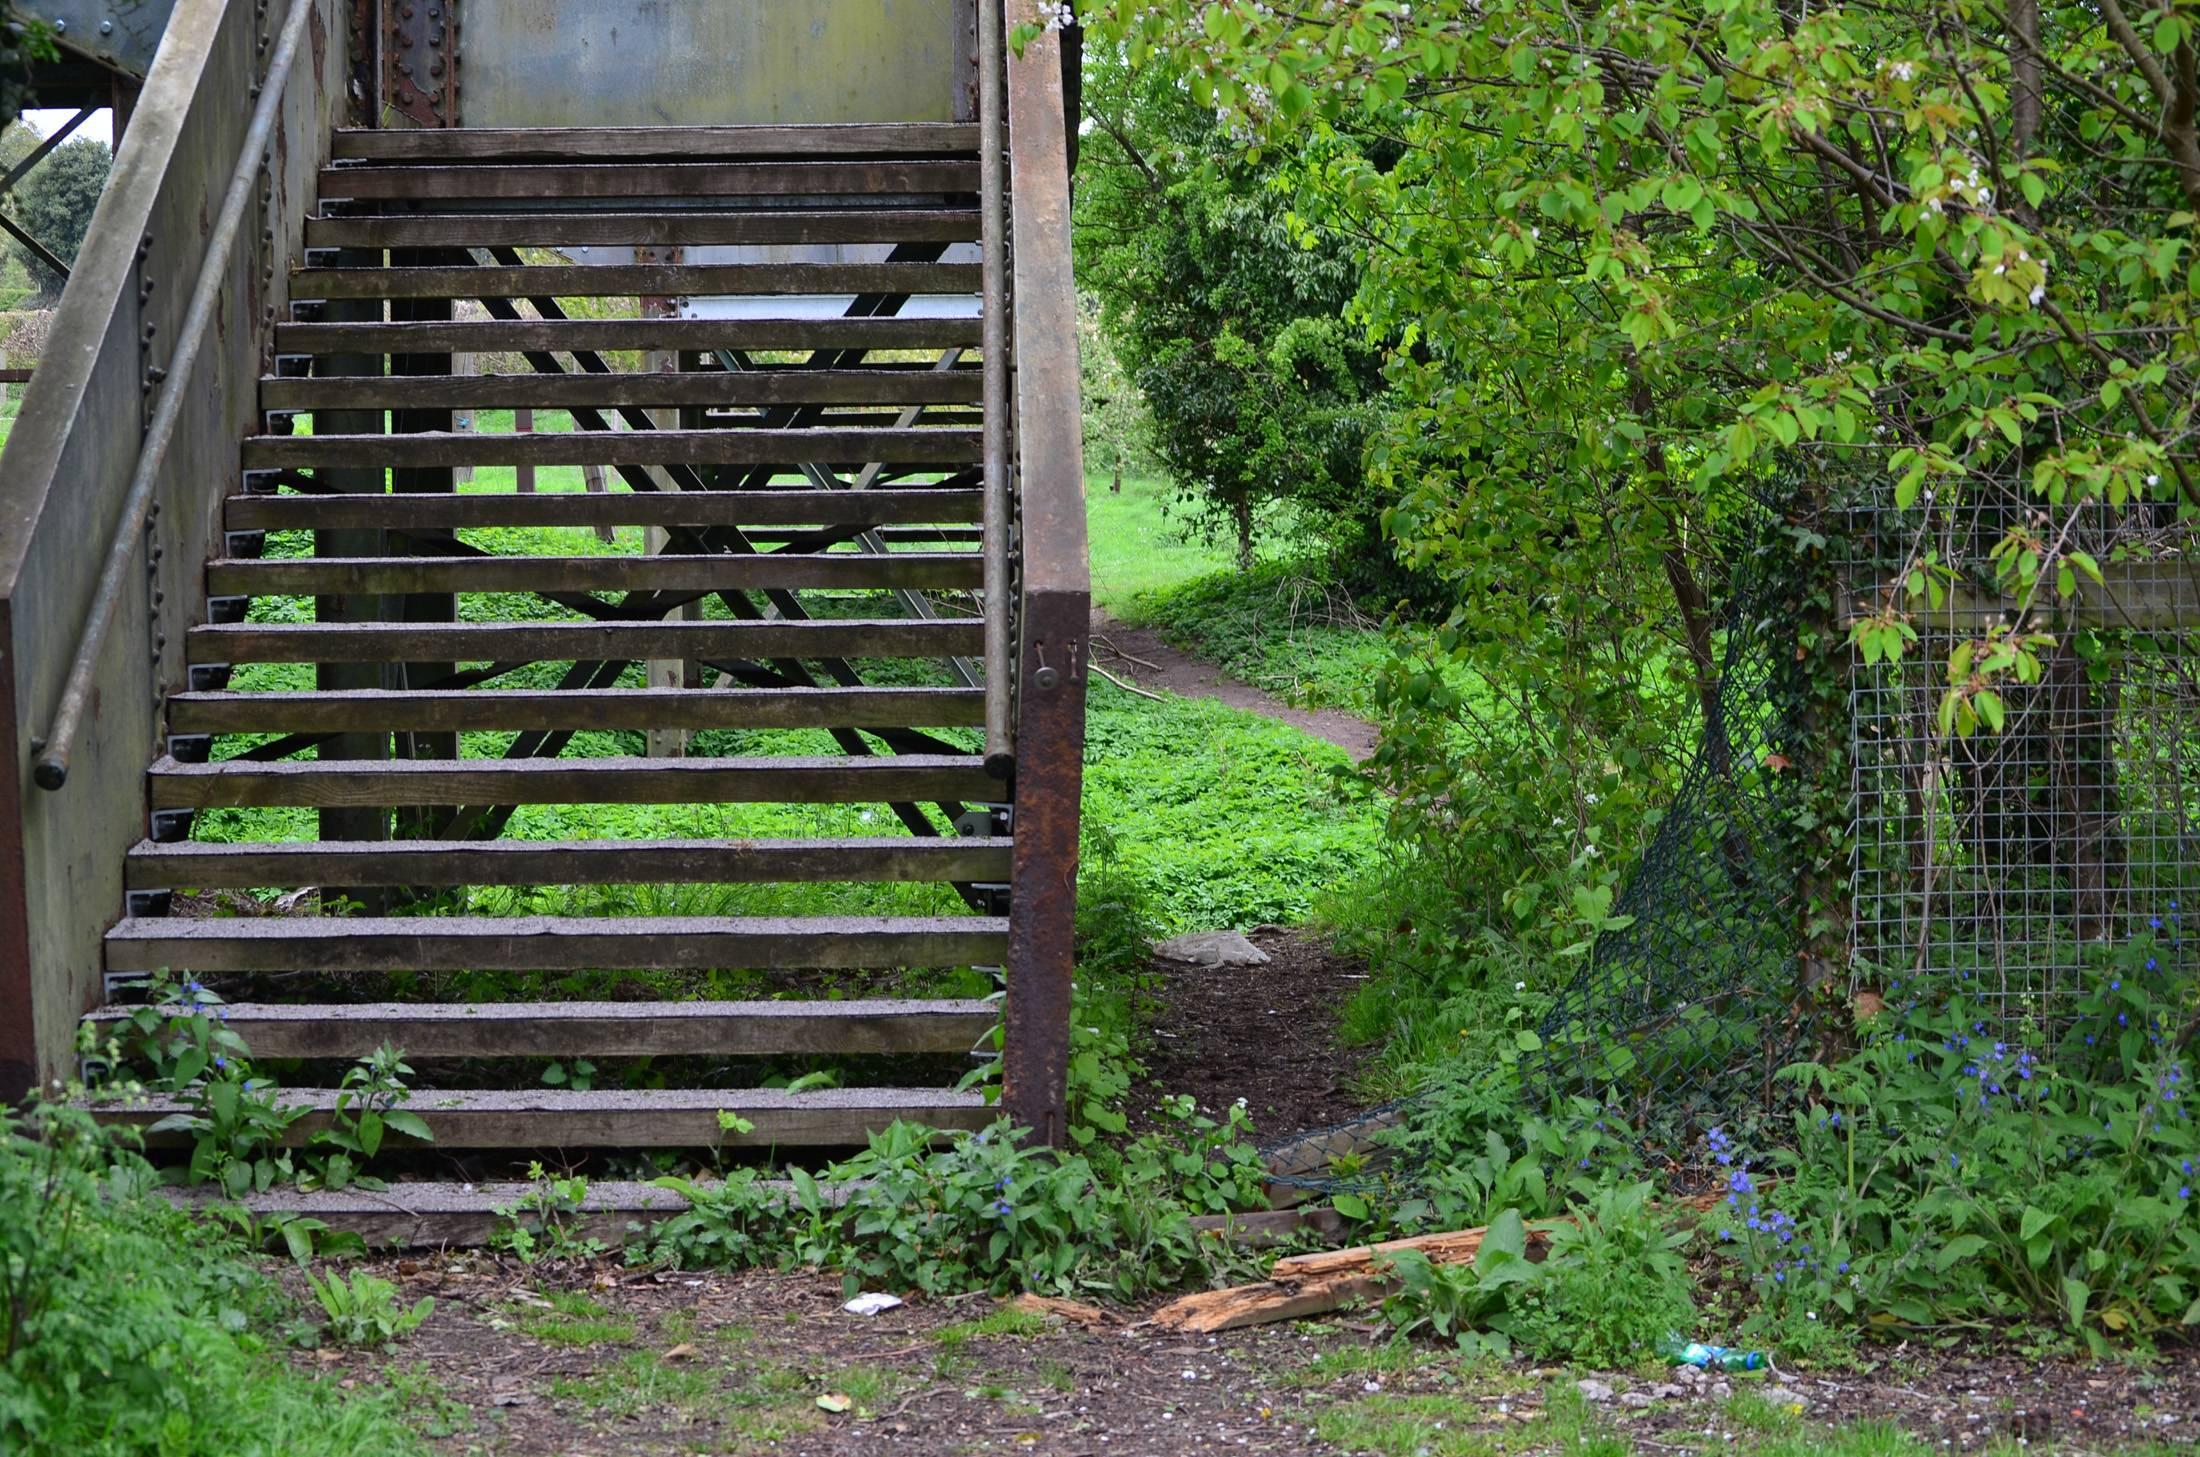 Broken fence on Station road side